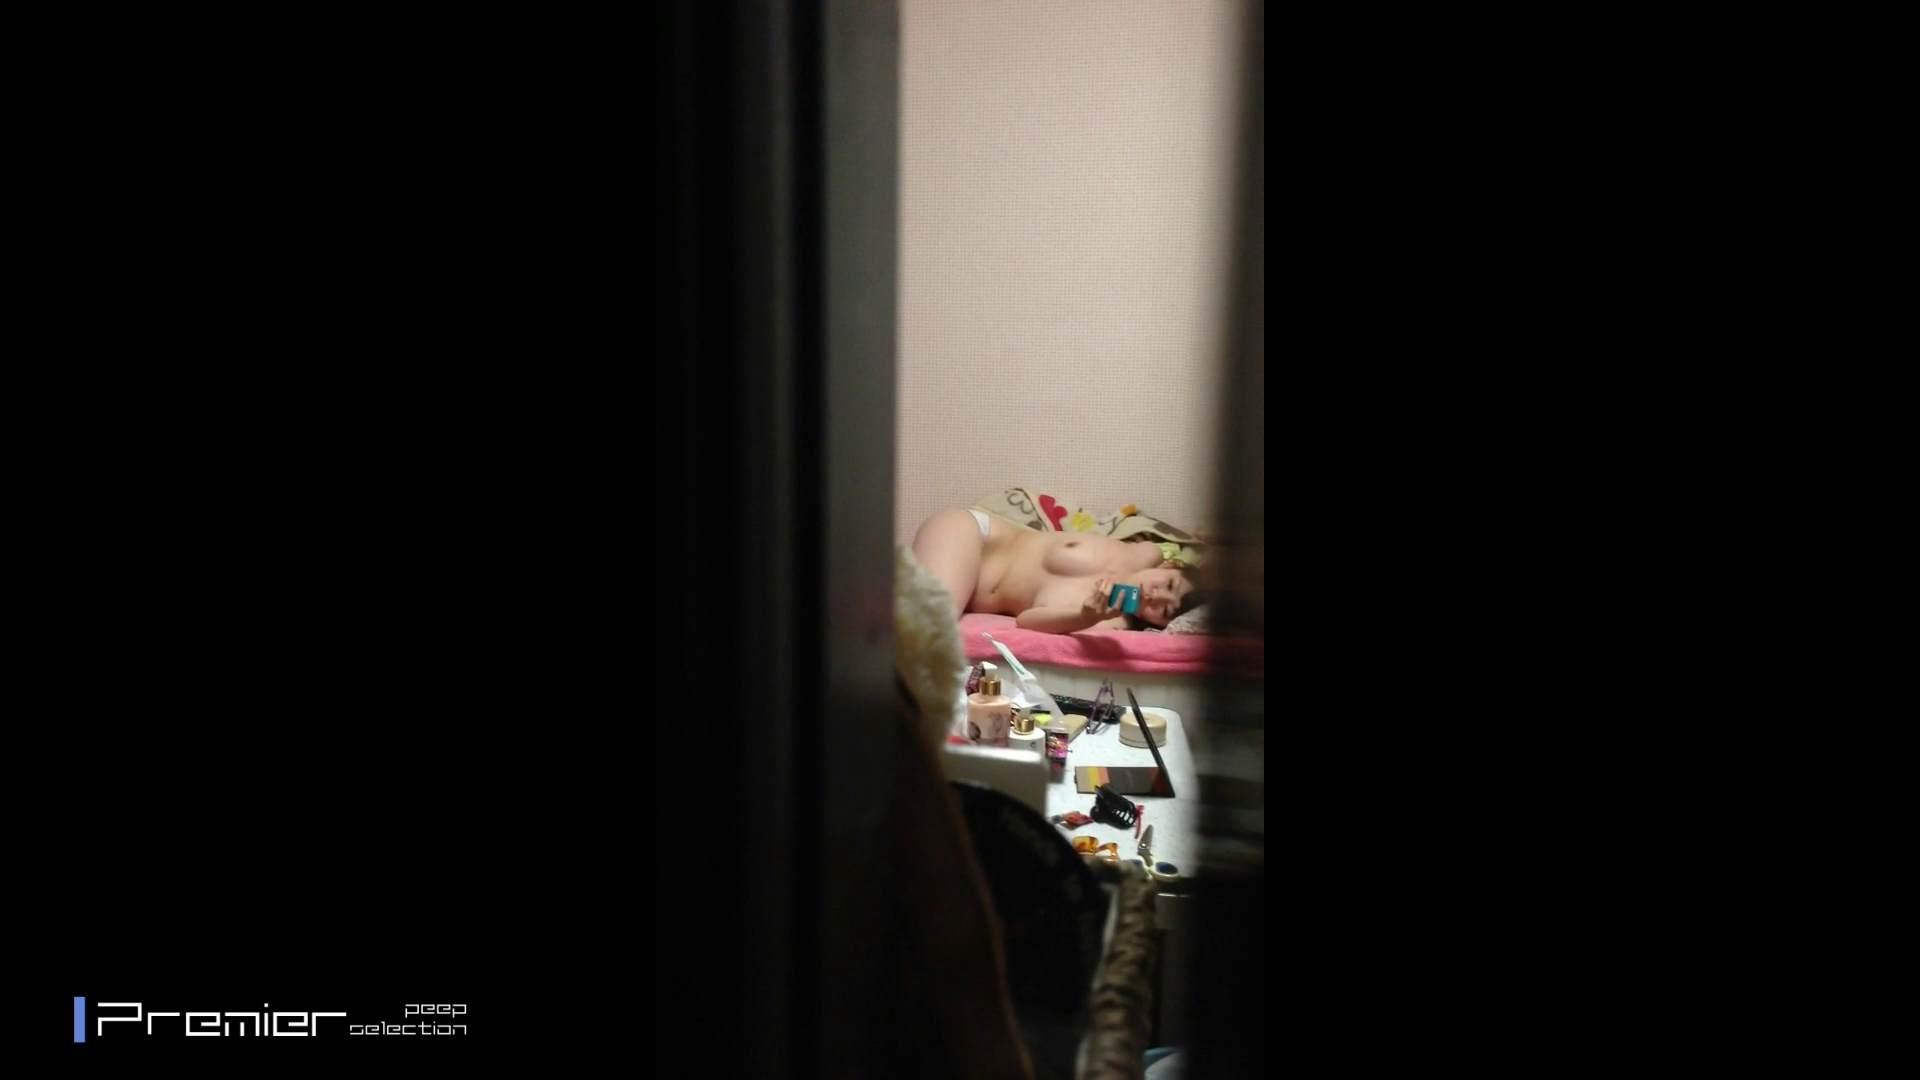 吉祥寺の美容師 エロい休日 美女達の私生活に潜入! 桃色乳首 エロ画像 92枚 10